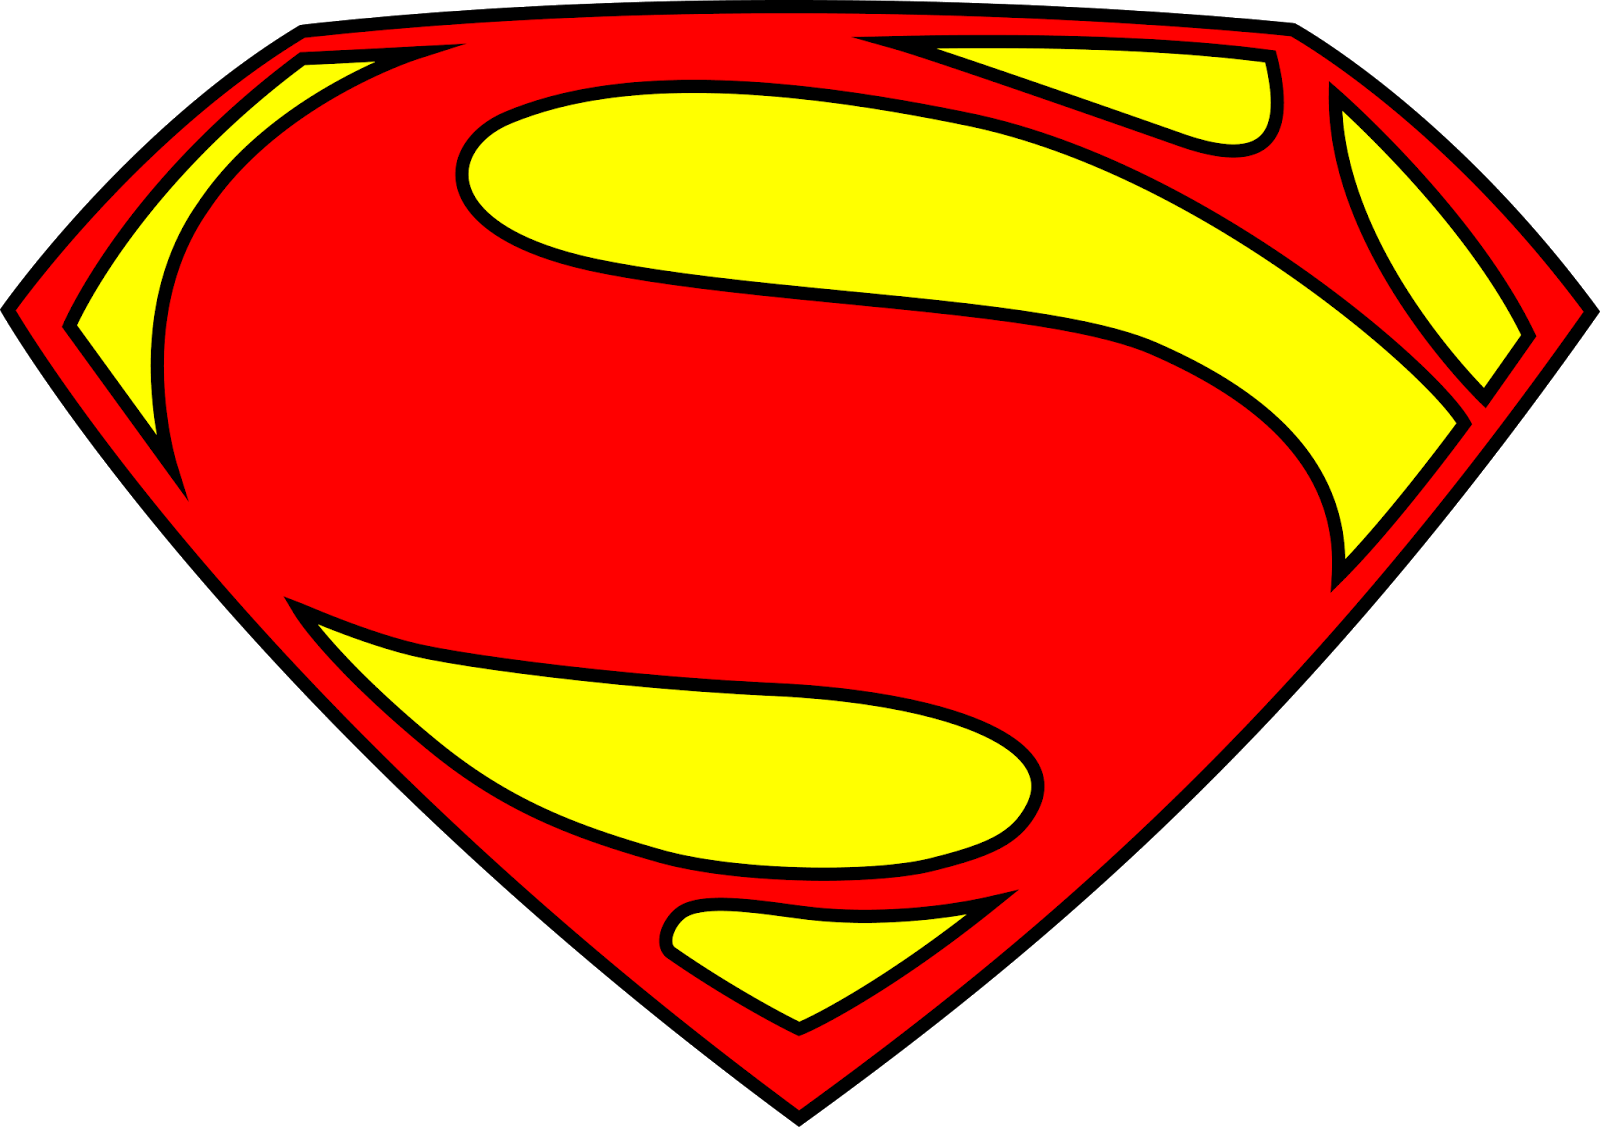 Símbolos o Escudos de Superman. | Ideas y material gratis ...